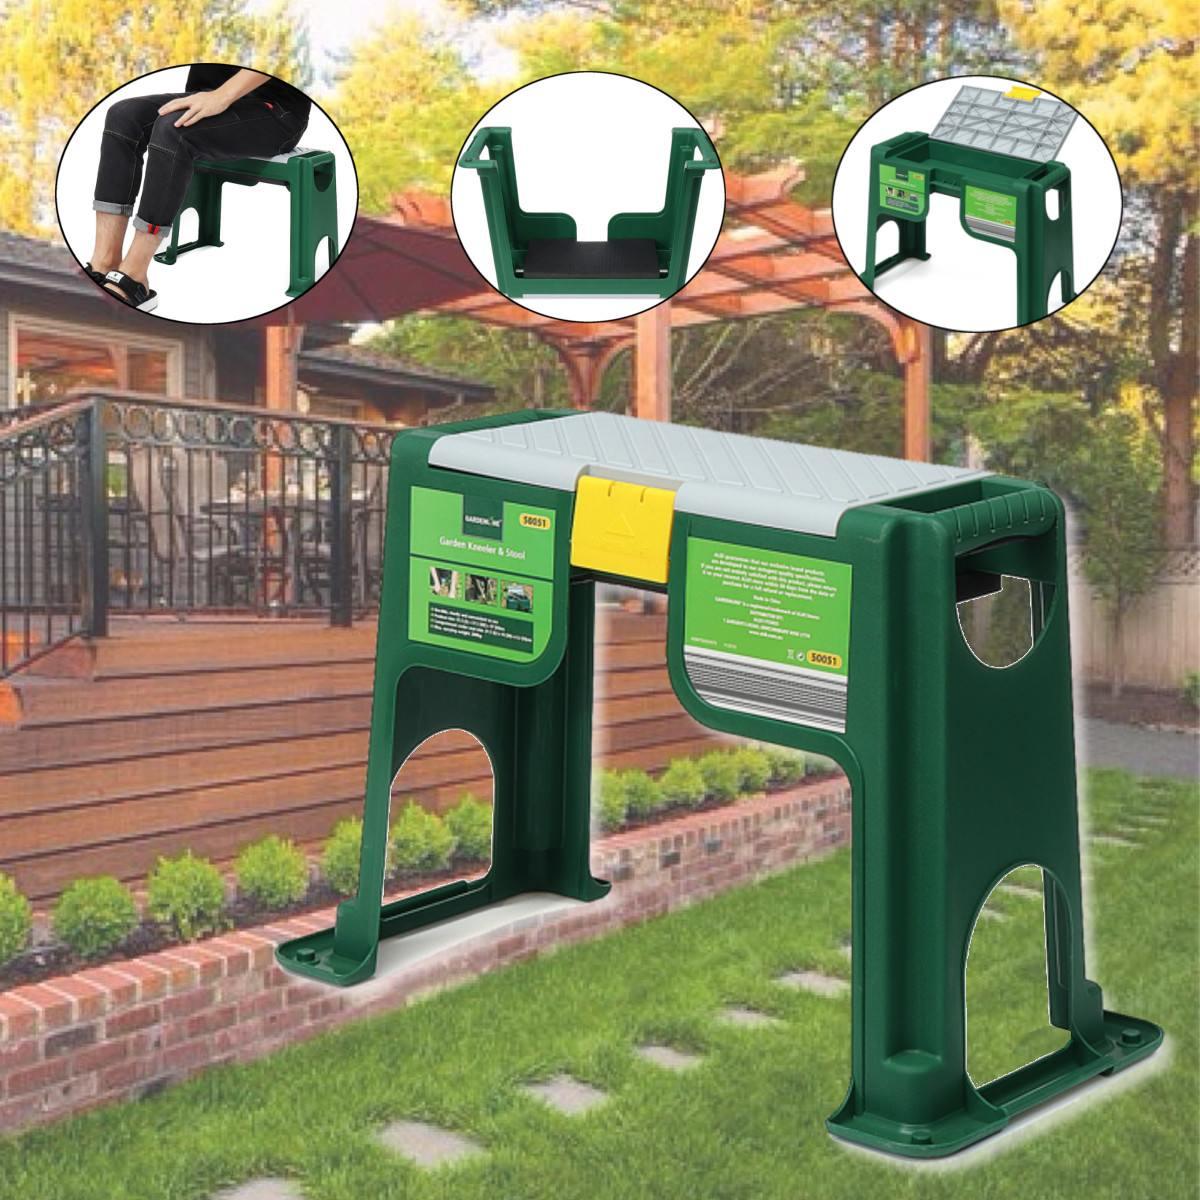 Portable Garden Stools Green Grey With Storage Bin Garden Kneeler And Seat Stable Plastic Lightweight Garden Chairs Thicken Step